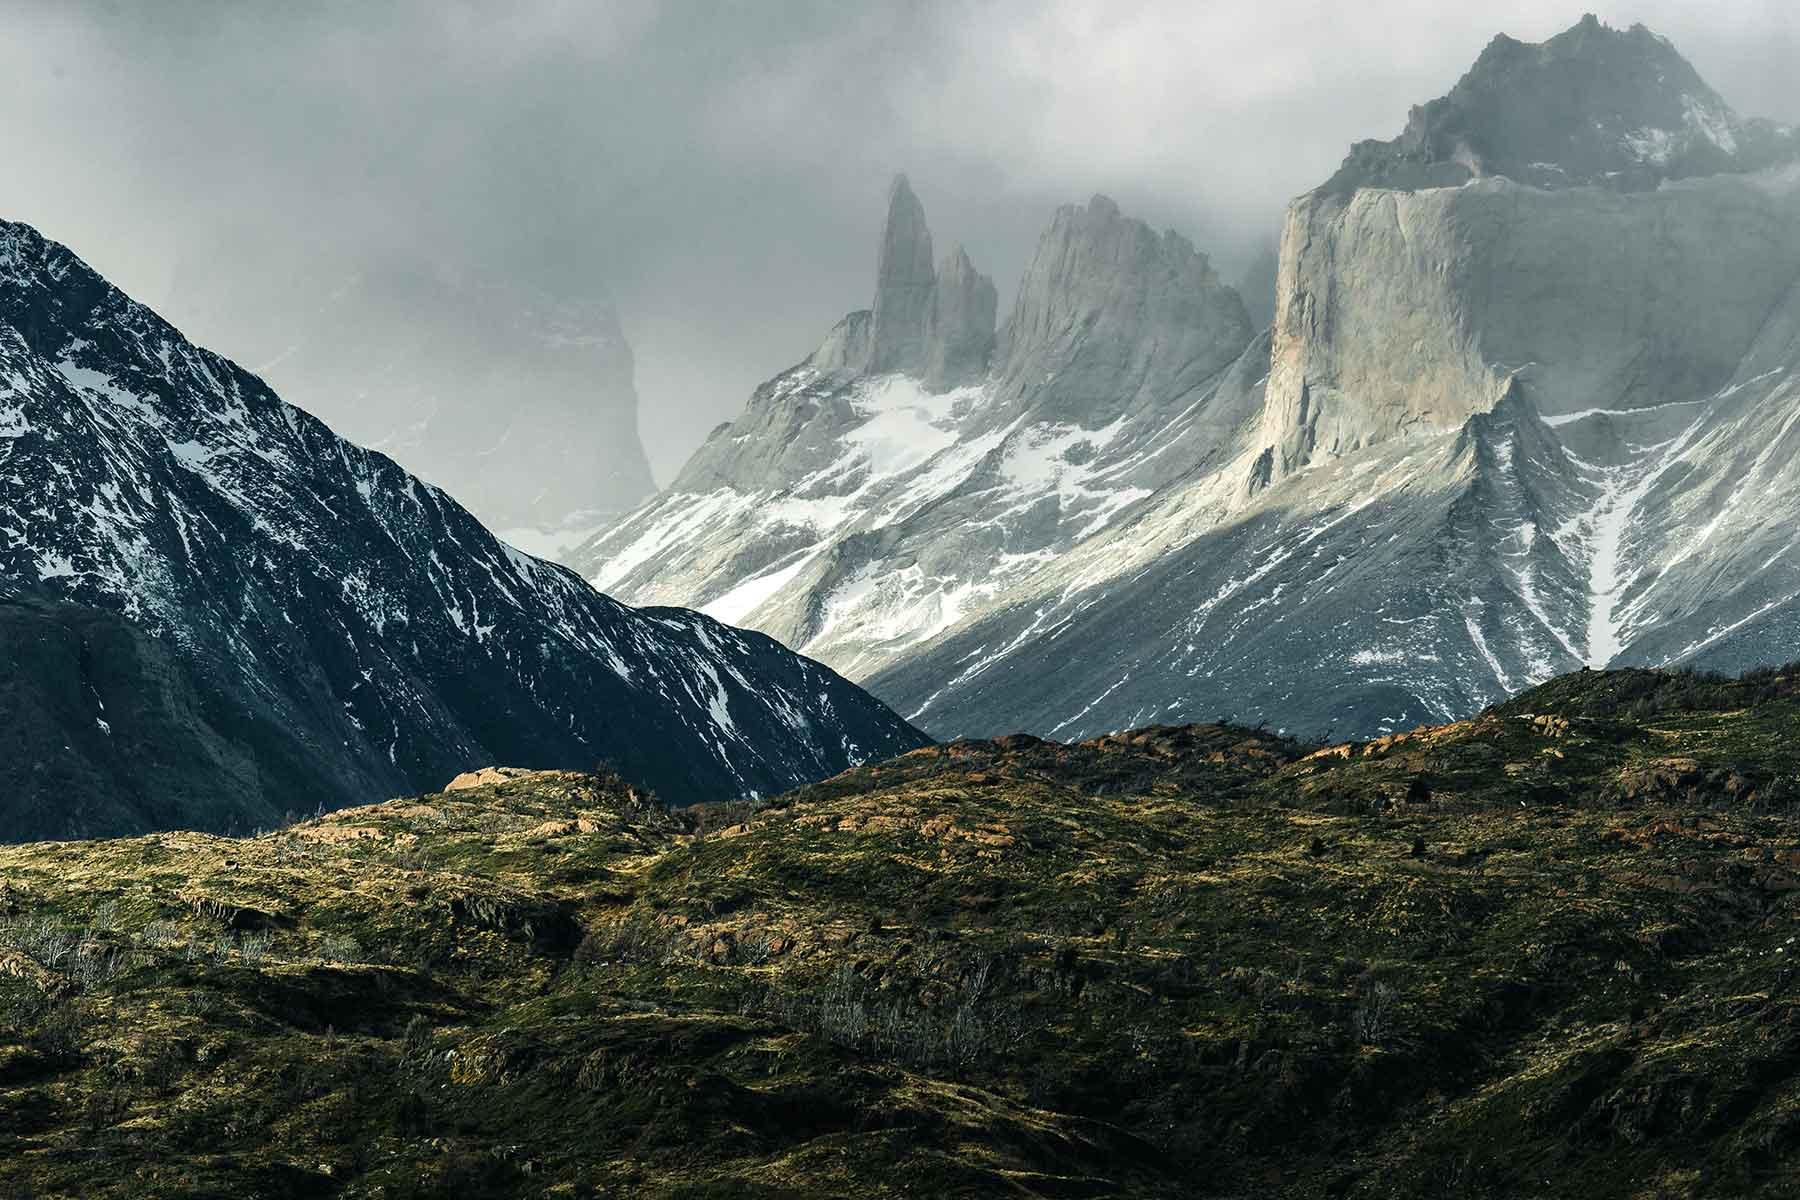 Resor-till-Chile-med-Nygren-&-Lind-resebyrå---berg-memd-snö